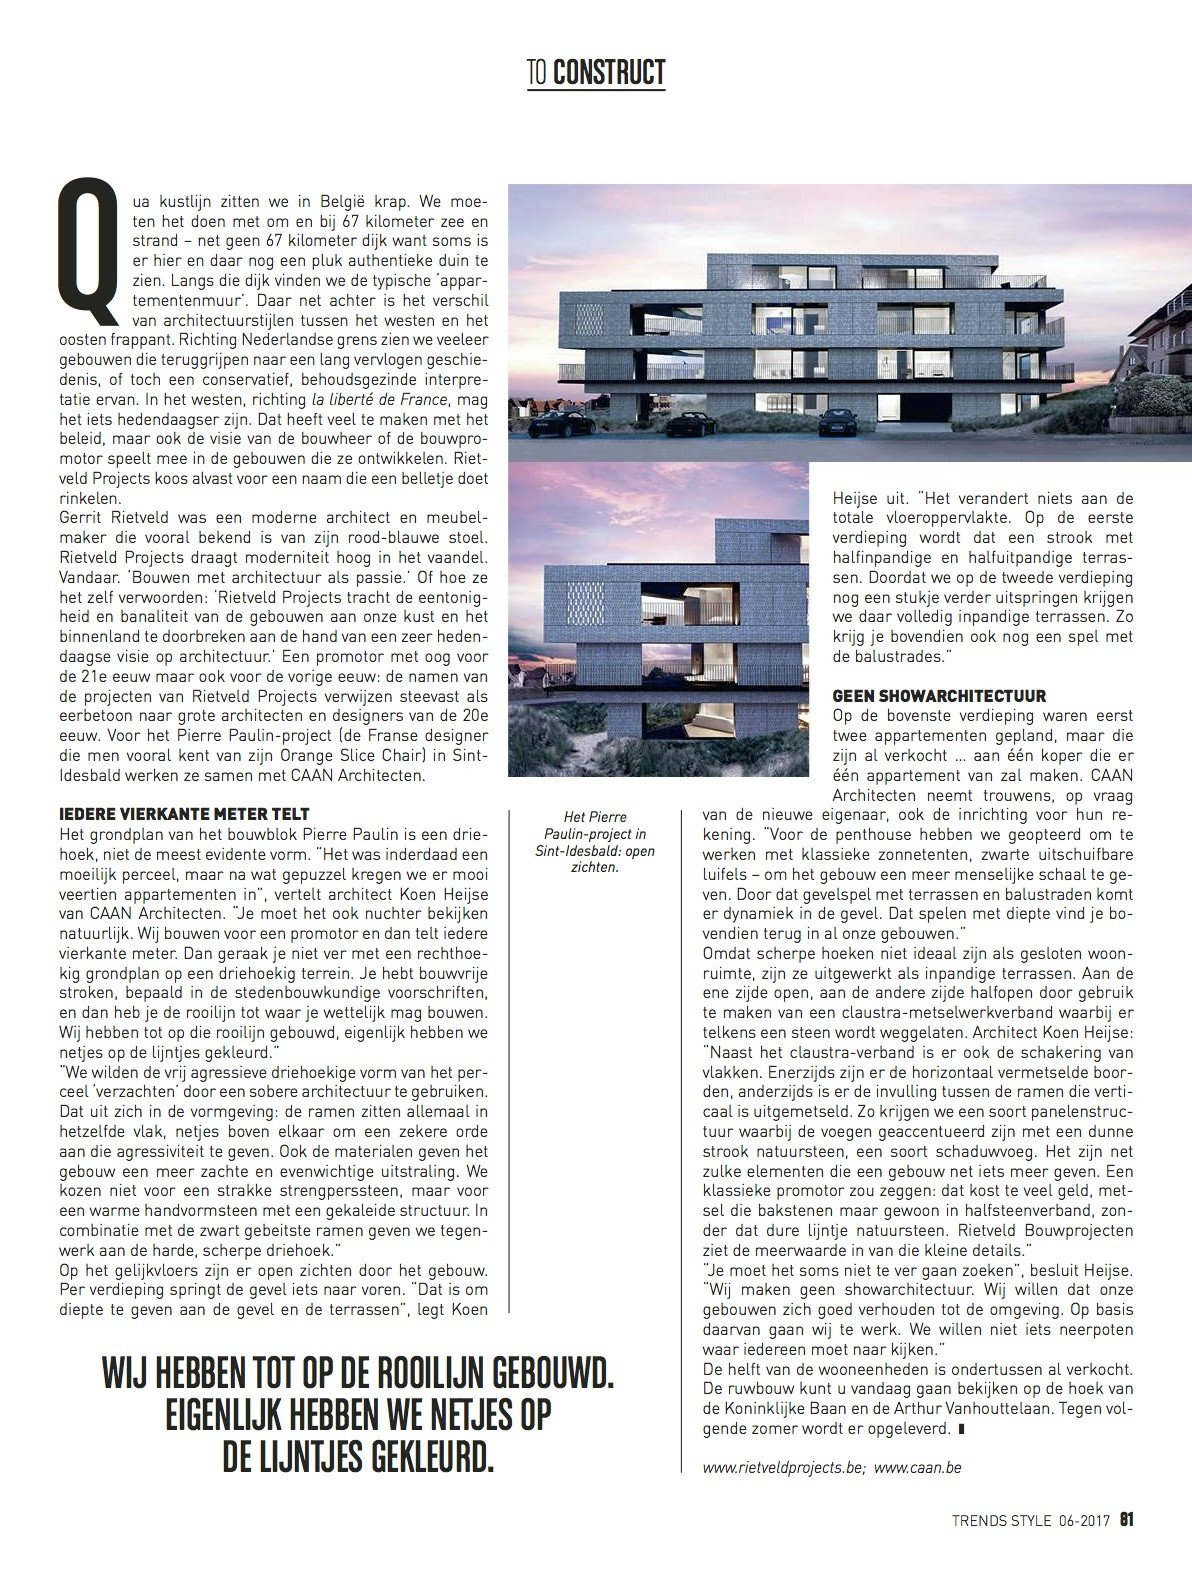 Trends Style 5-10-2017 - Rietveld Projects-Pierre Paulin 2.jpg